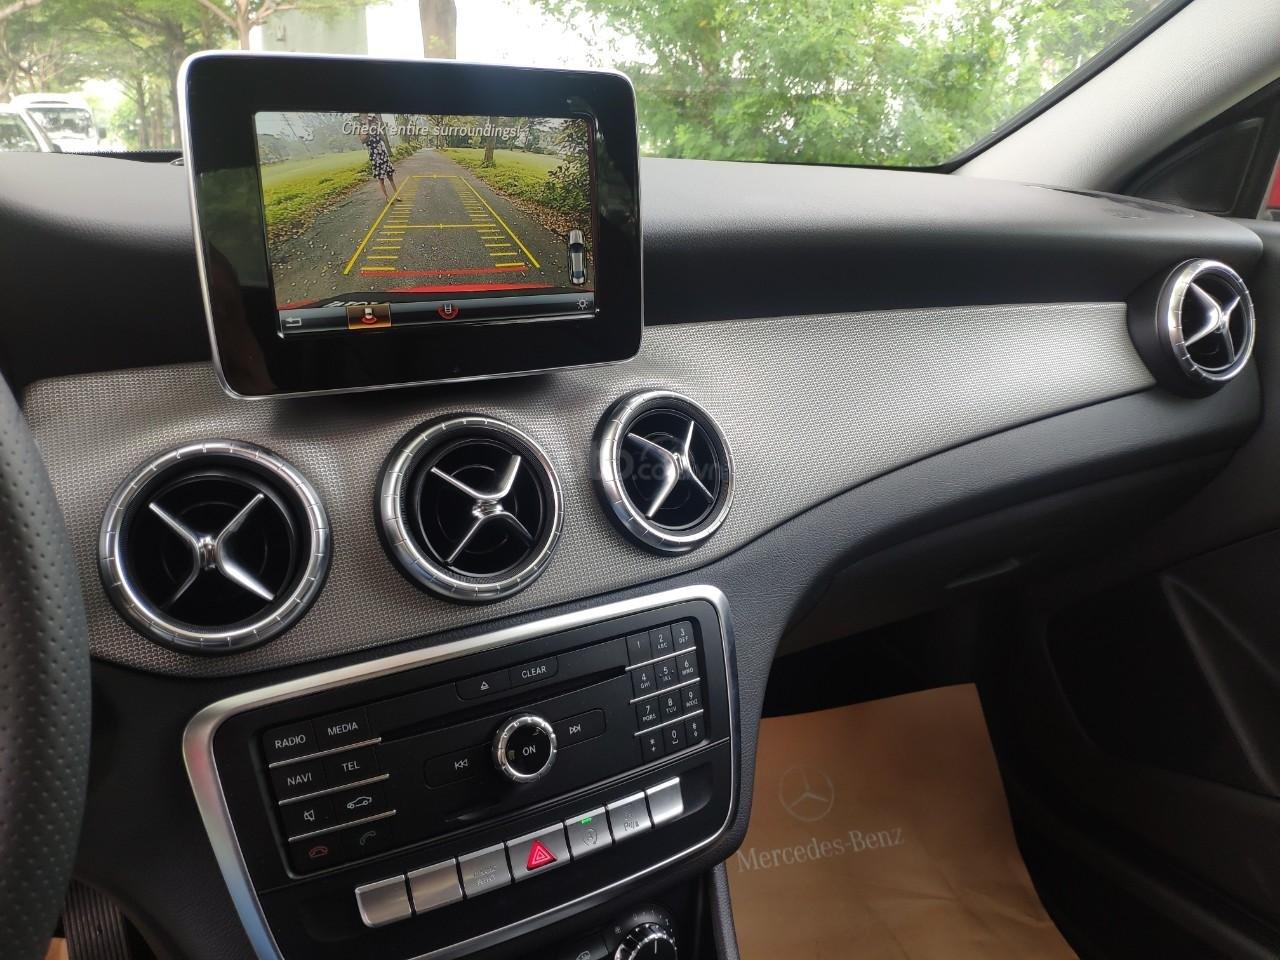 Giá tốt: Mercedes Benz CLA 200 2019 màu đỏ, đi 68km (9)